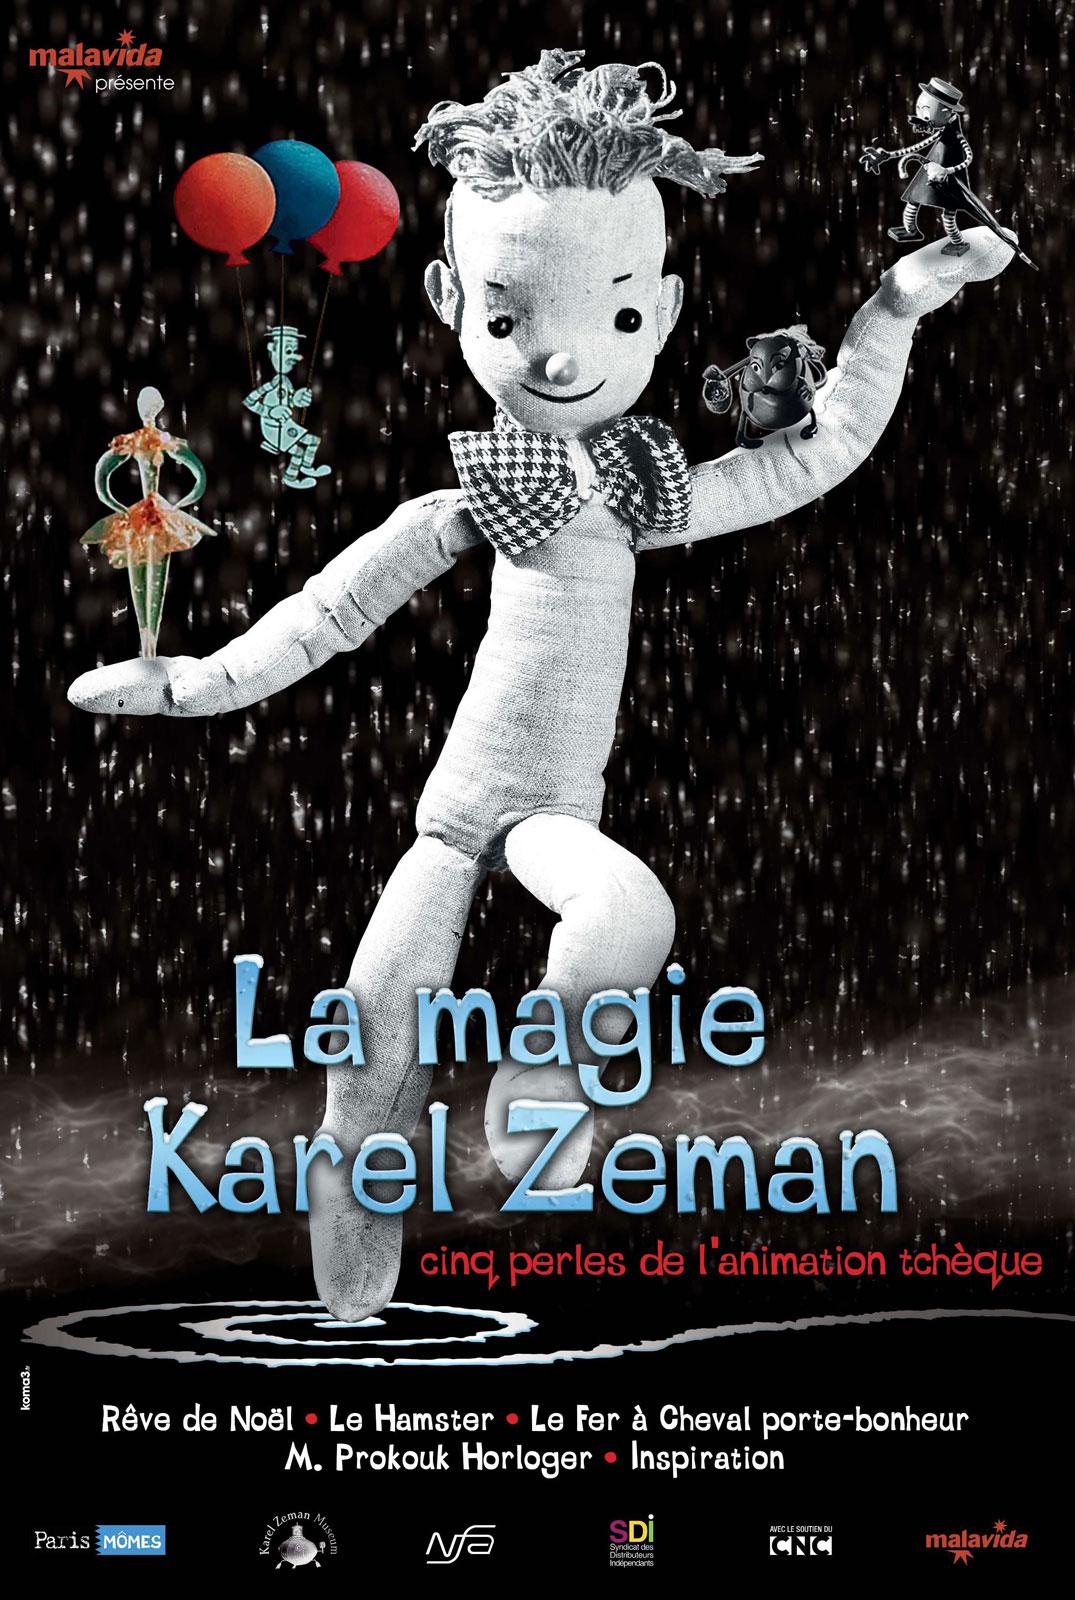 affiche-karel-zeman